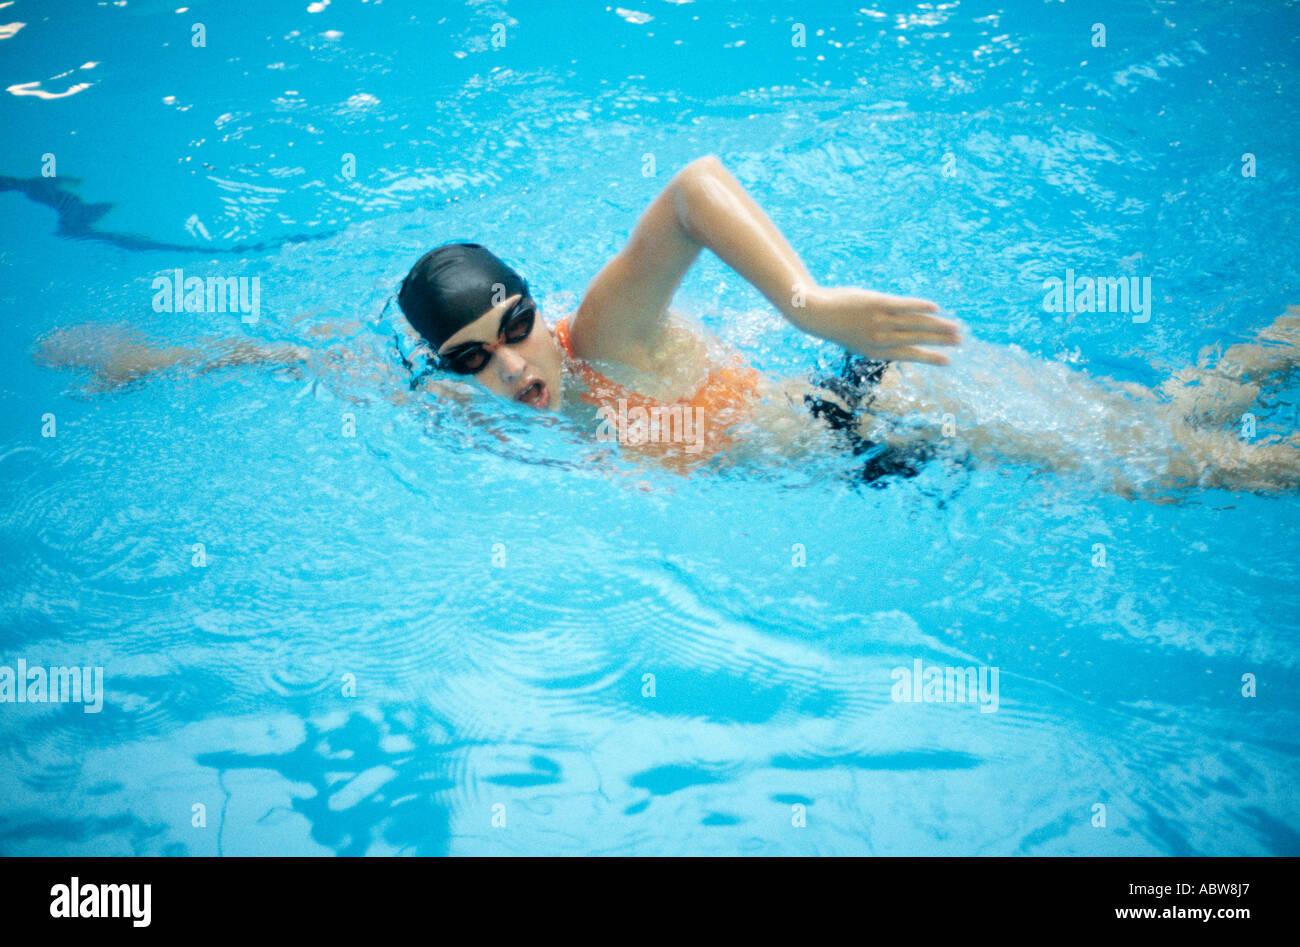 Woman swimming in pool avec cap et lunettes sur Photo Stock